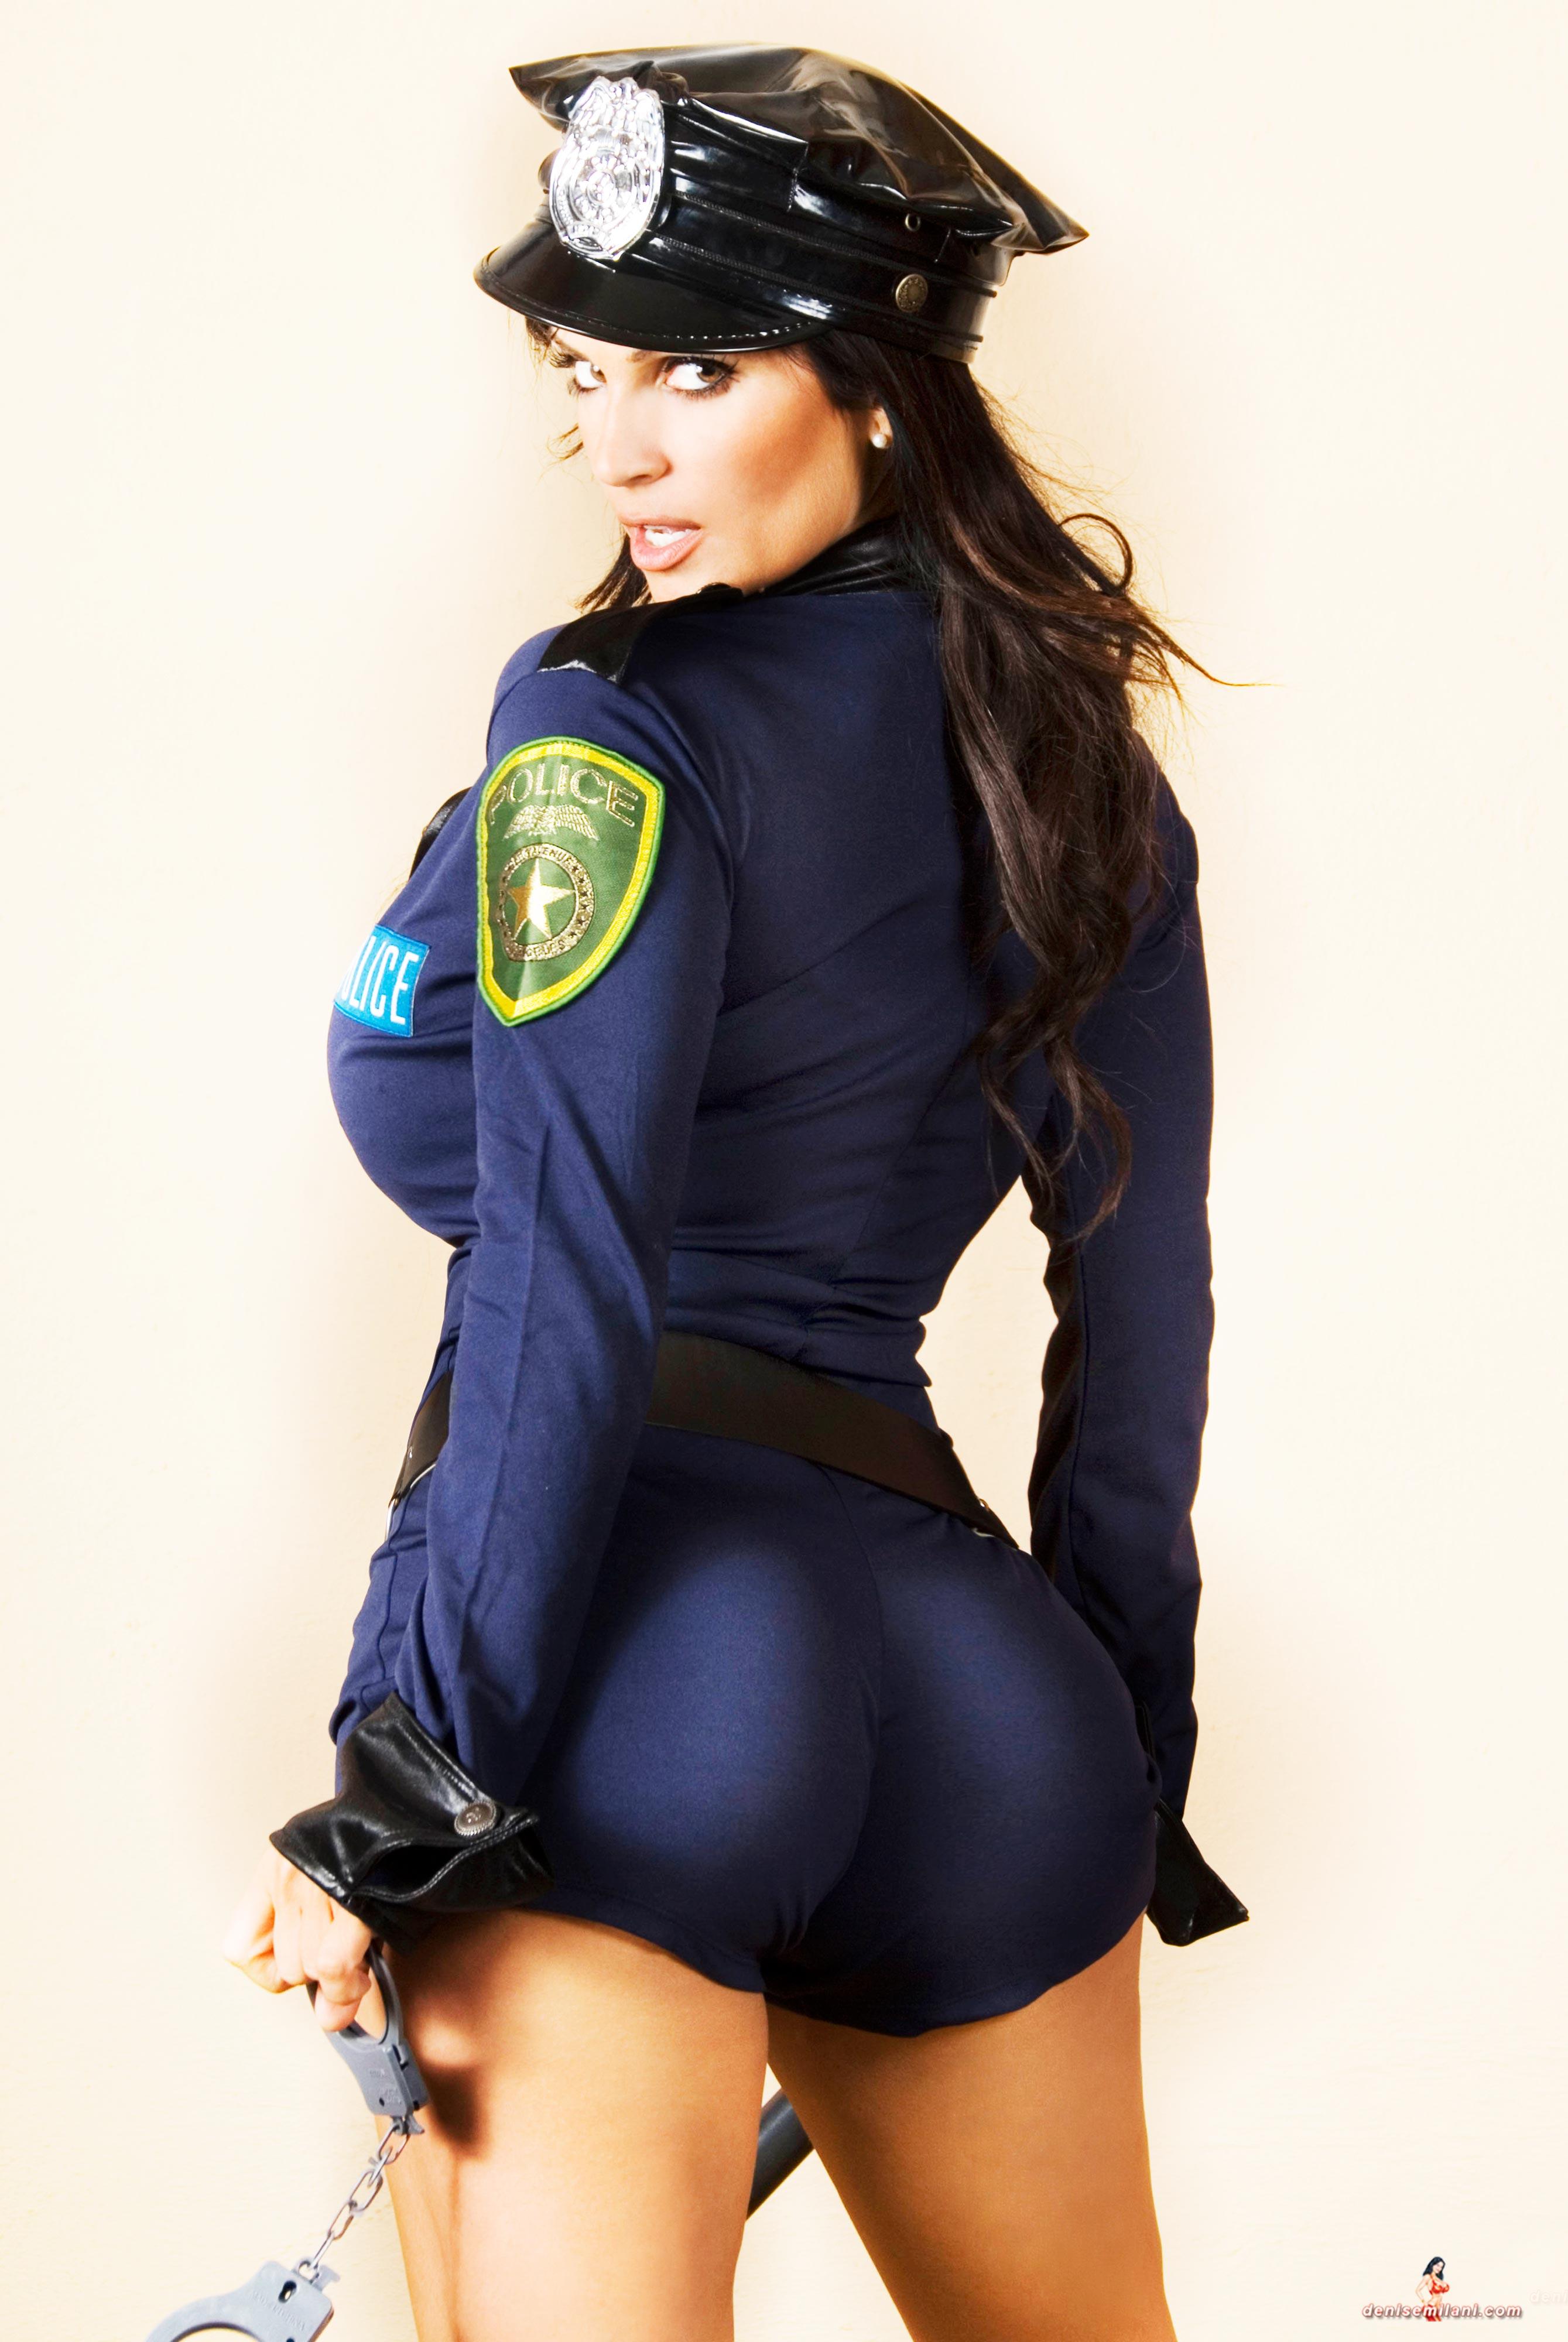 Телки полицейские в форме 15 фотография